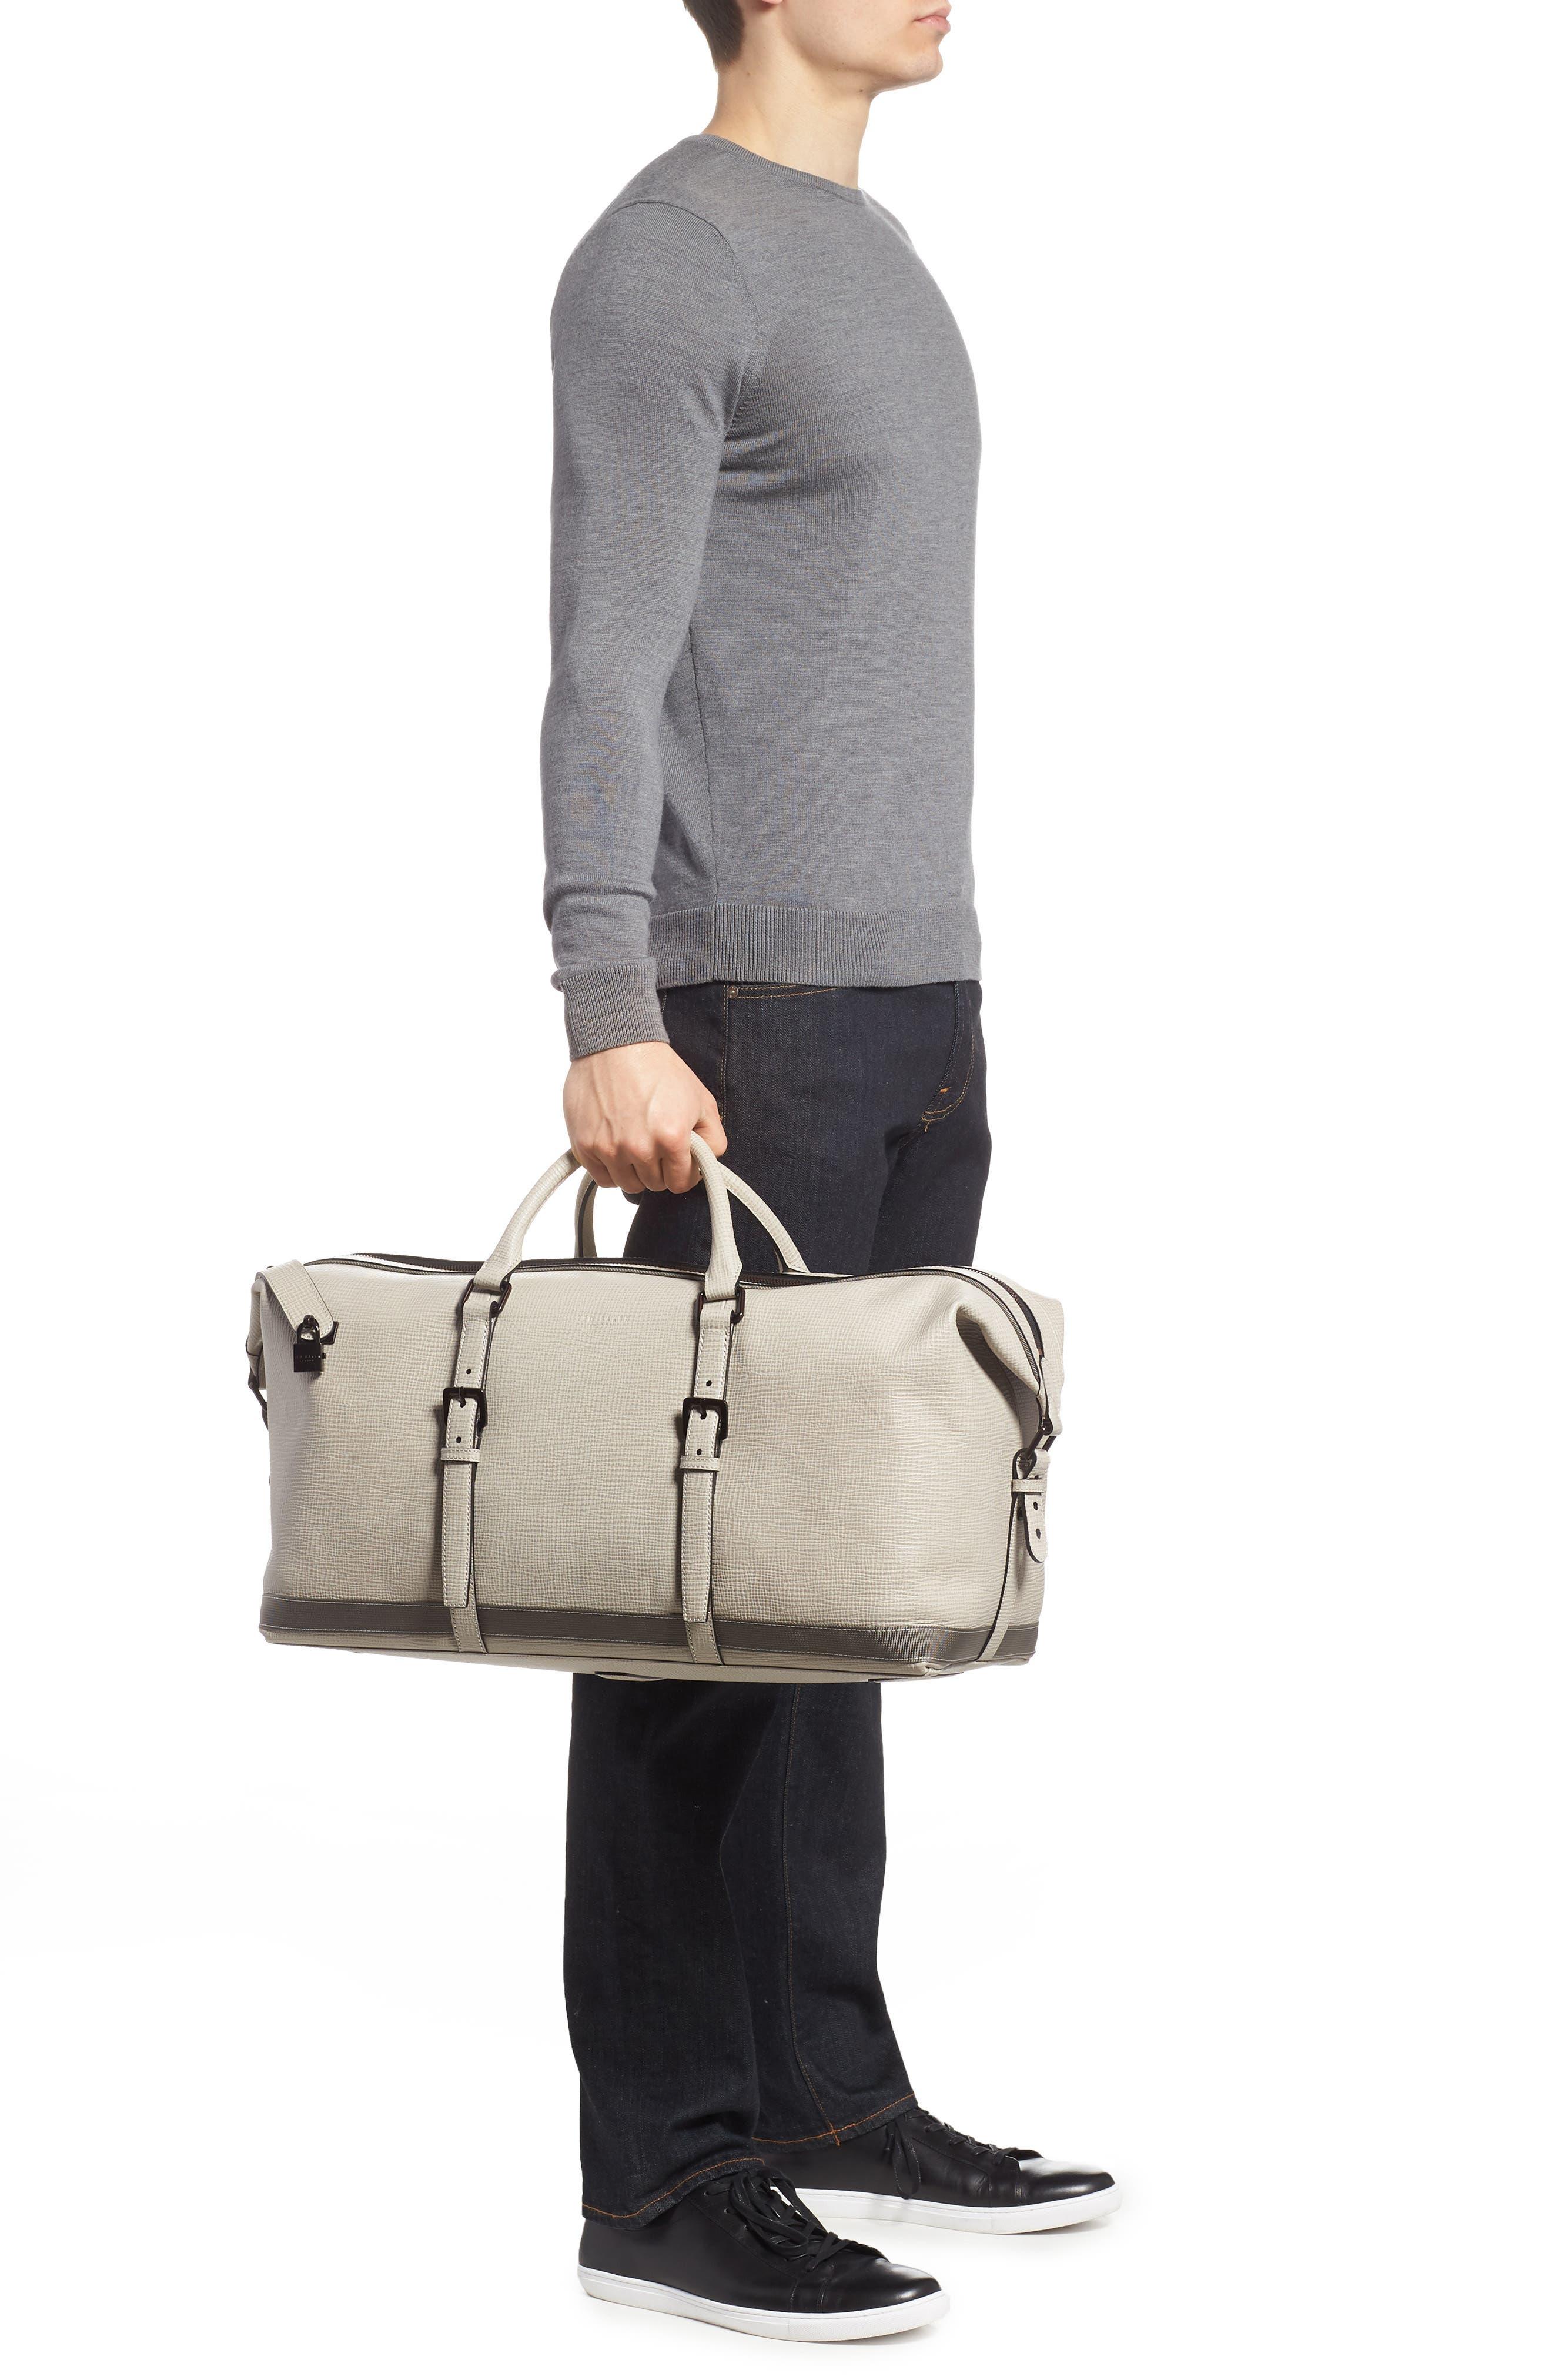 Ragmar Palmelato Holdall Duffel Bag,                             Alternate thumbnail 2, color,                             Natural